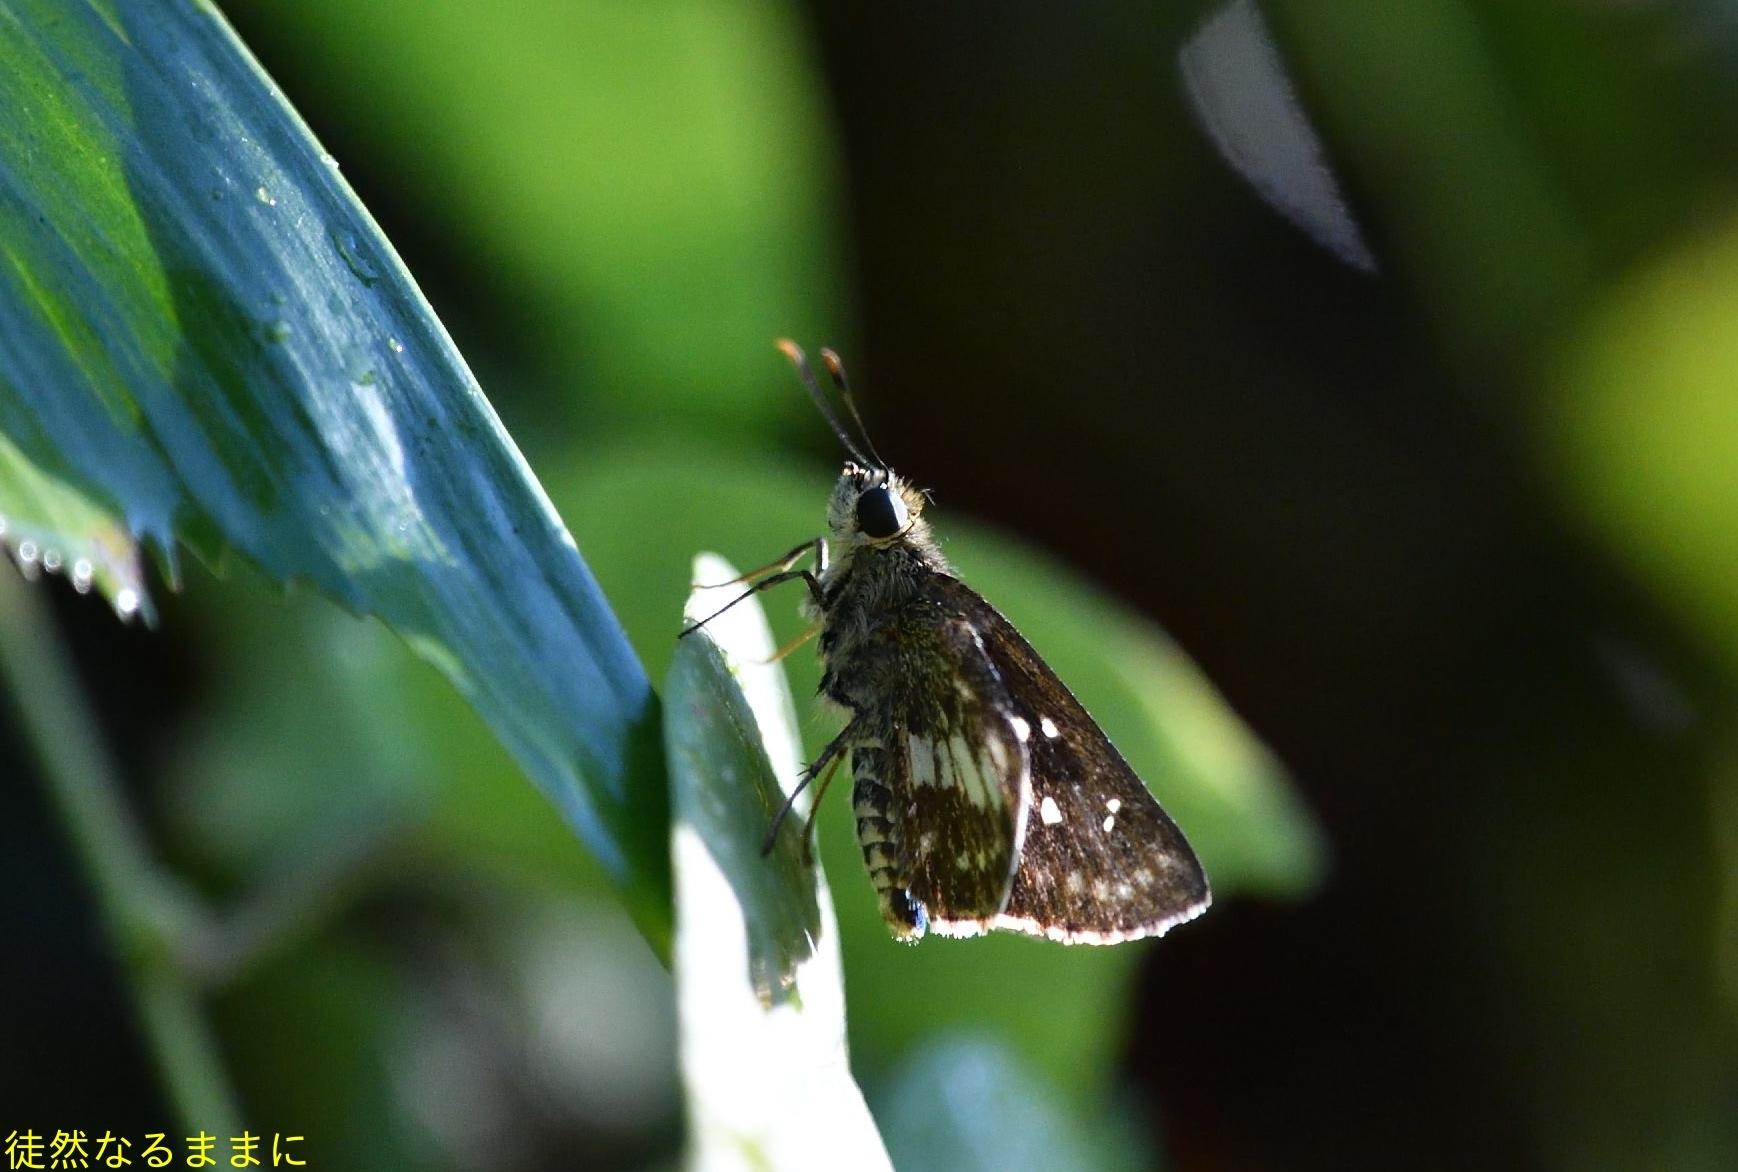 12月30日 AM ホテルの周りの蝶たち inランカウイ島_d0285540_07303554.jpg